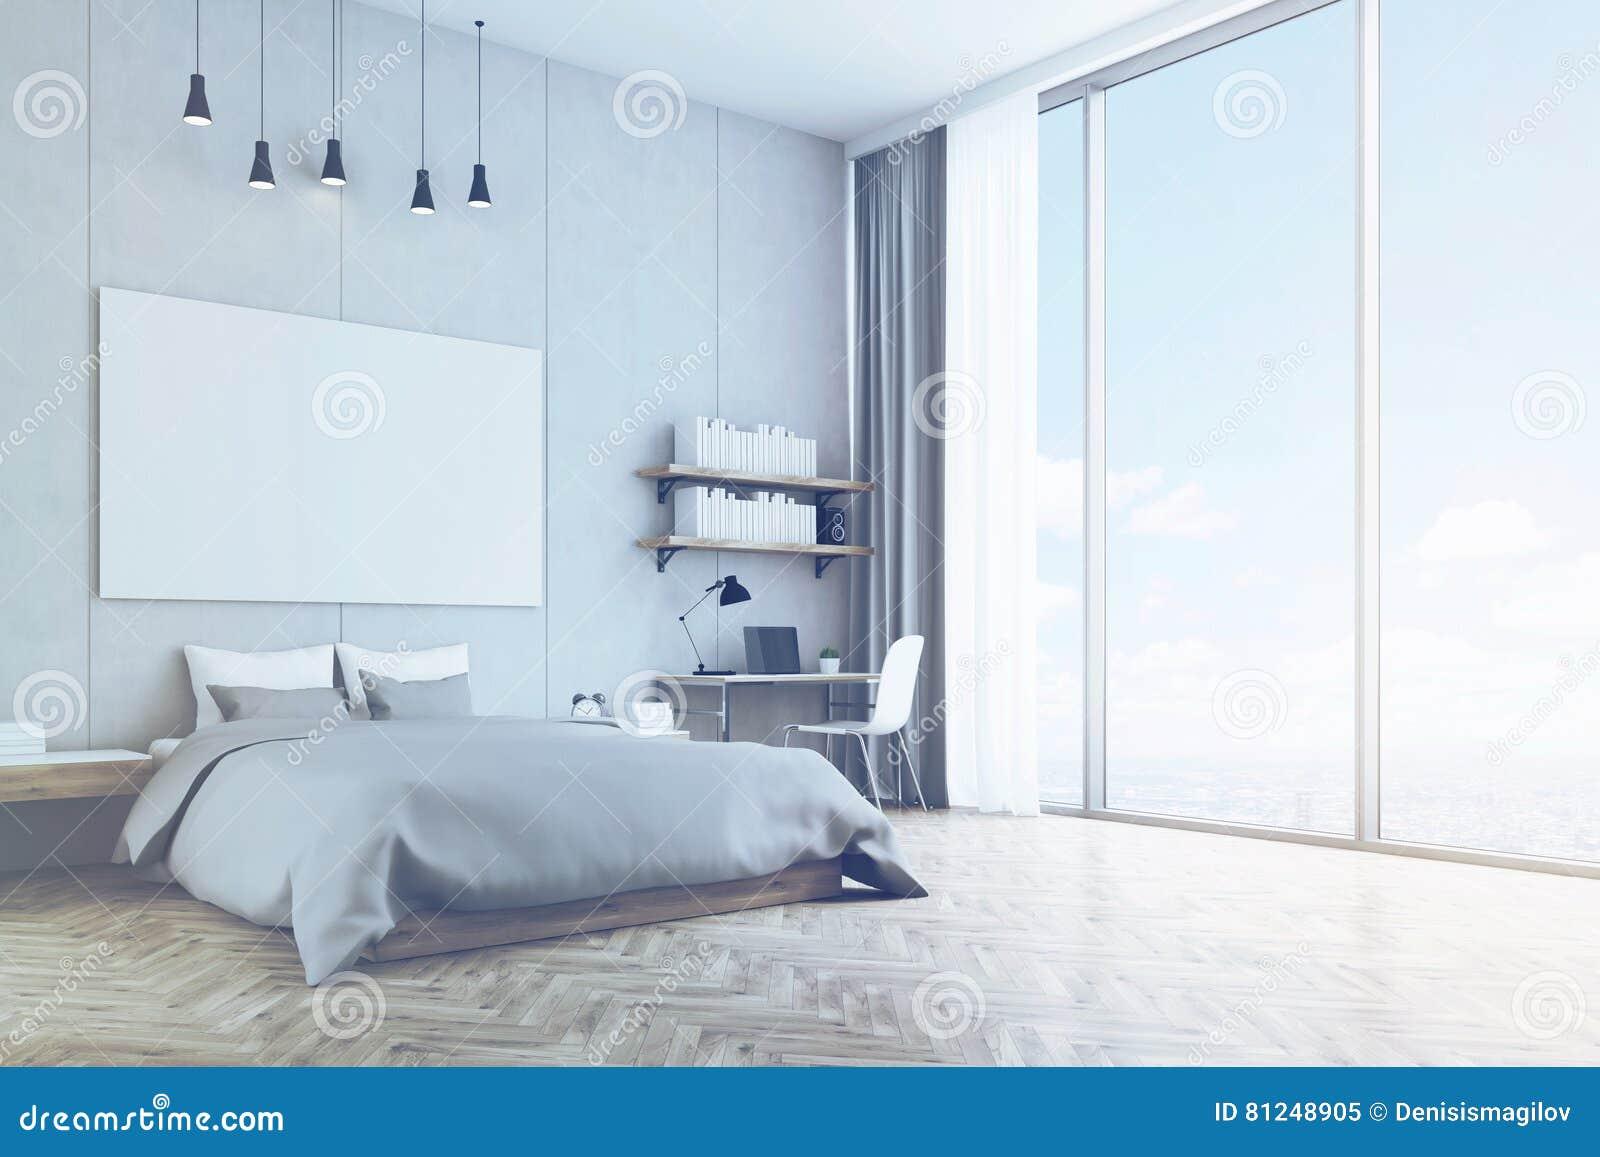 Houten Vloer Slaapkamer : Slaapkamer met concrete gestemde muur en houten vloer stock